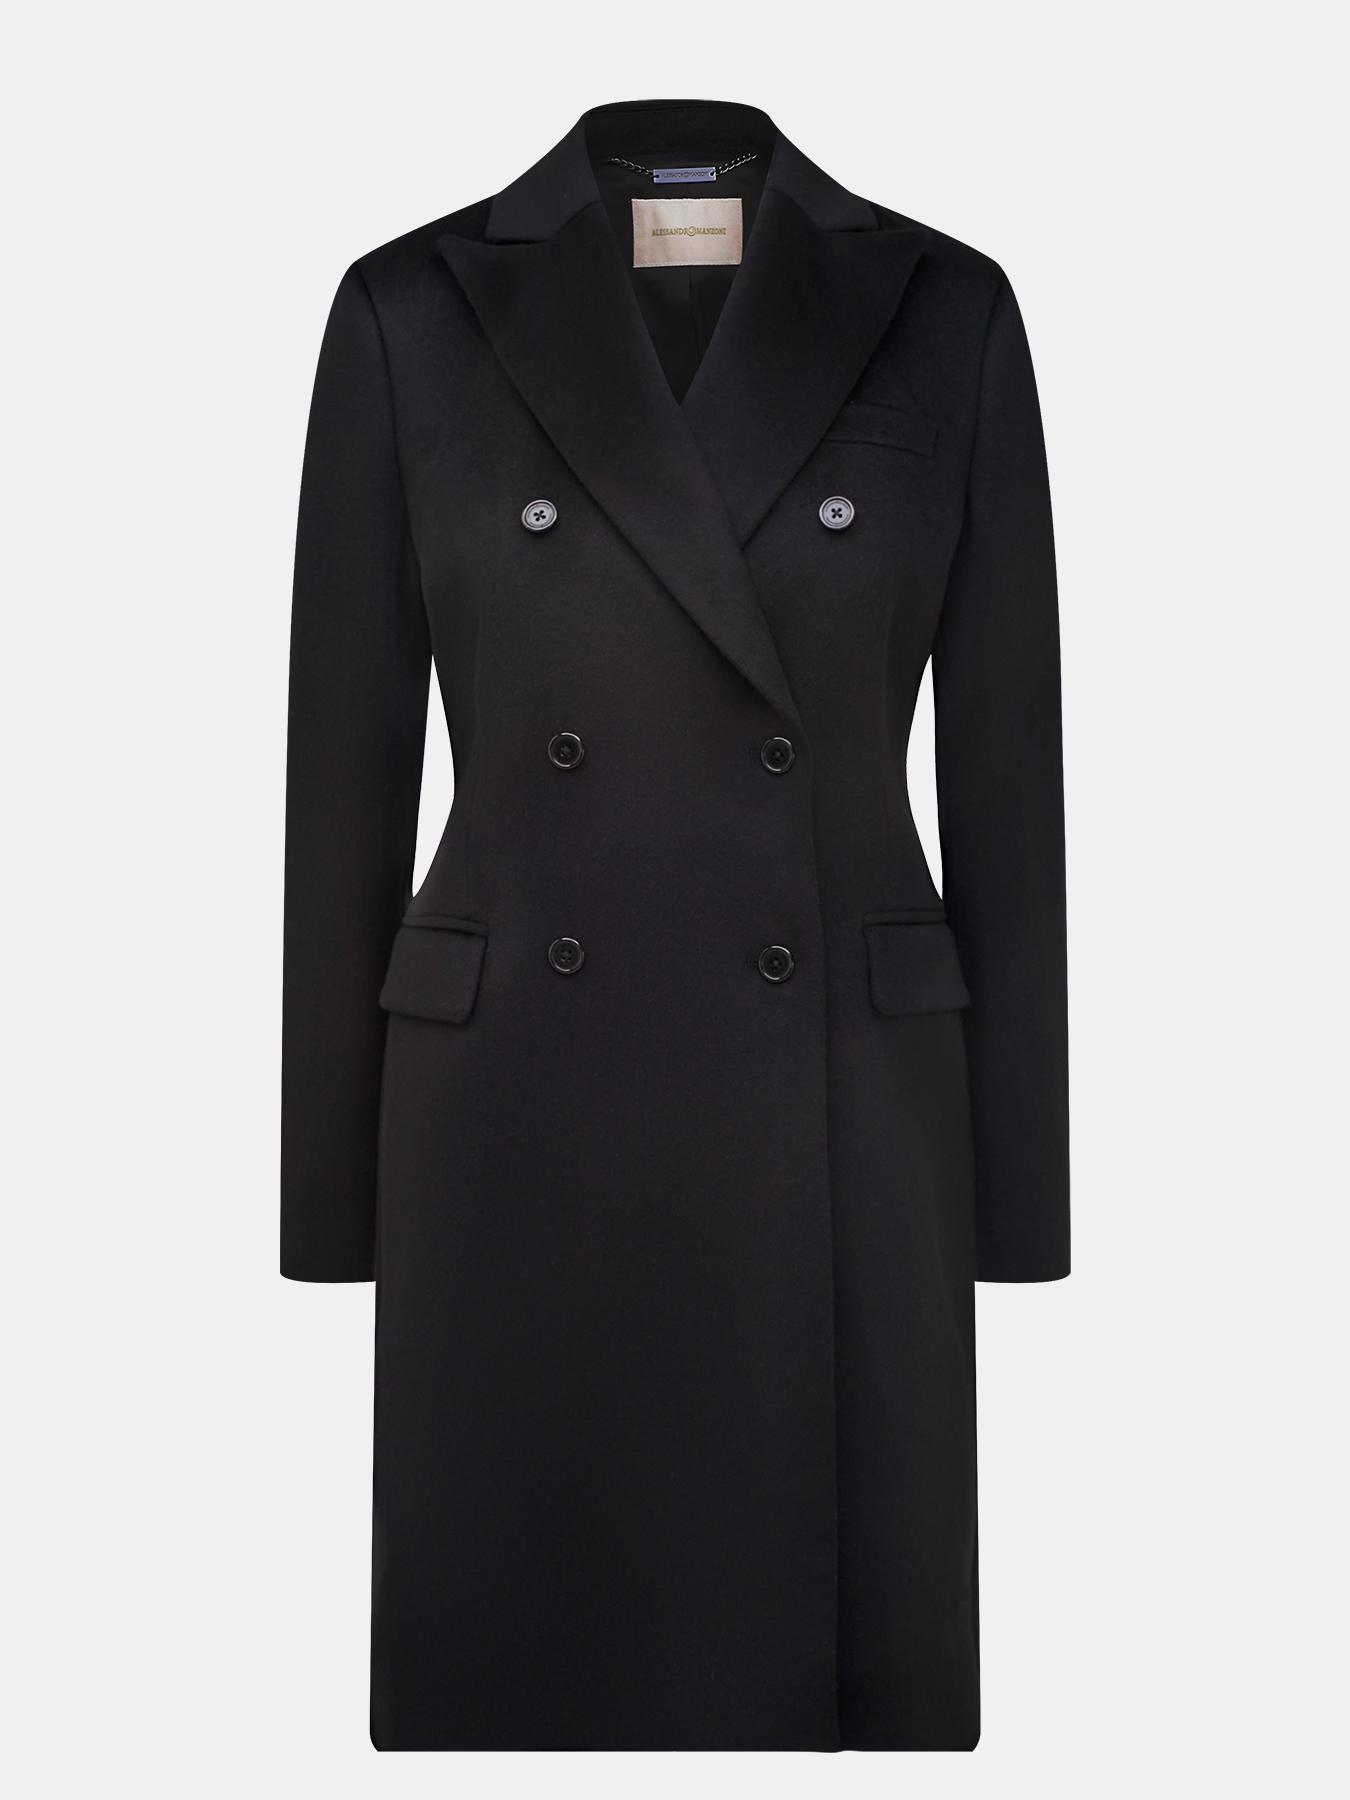 Фото - Пальто Alessandro Manzoni Пальто пальто kata binska пальто длинные